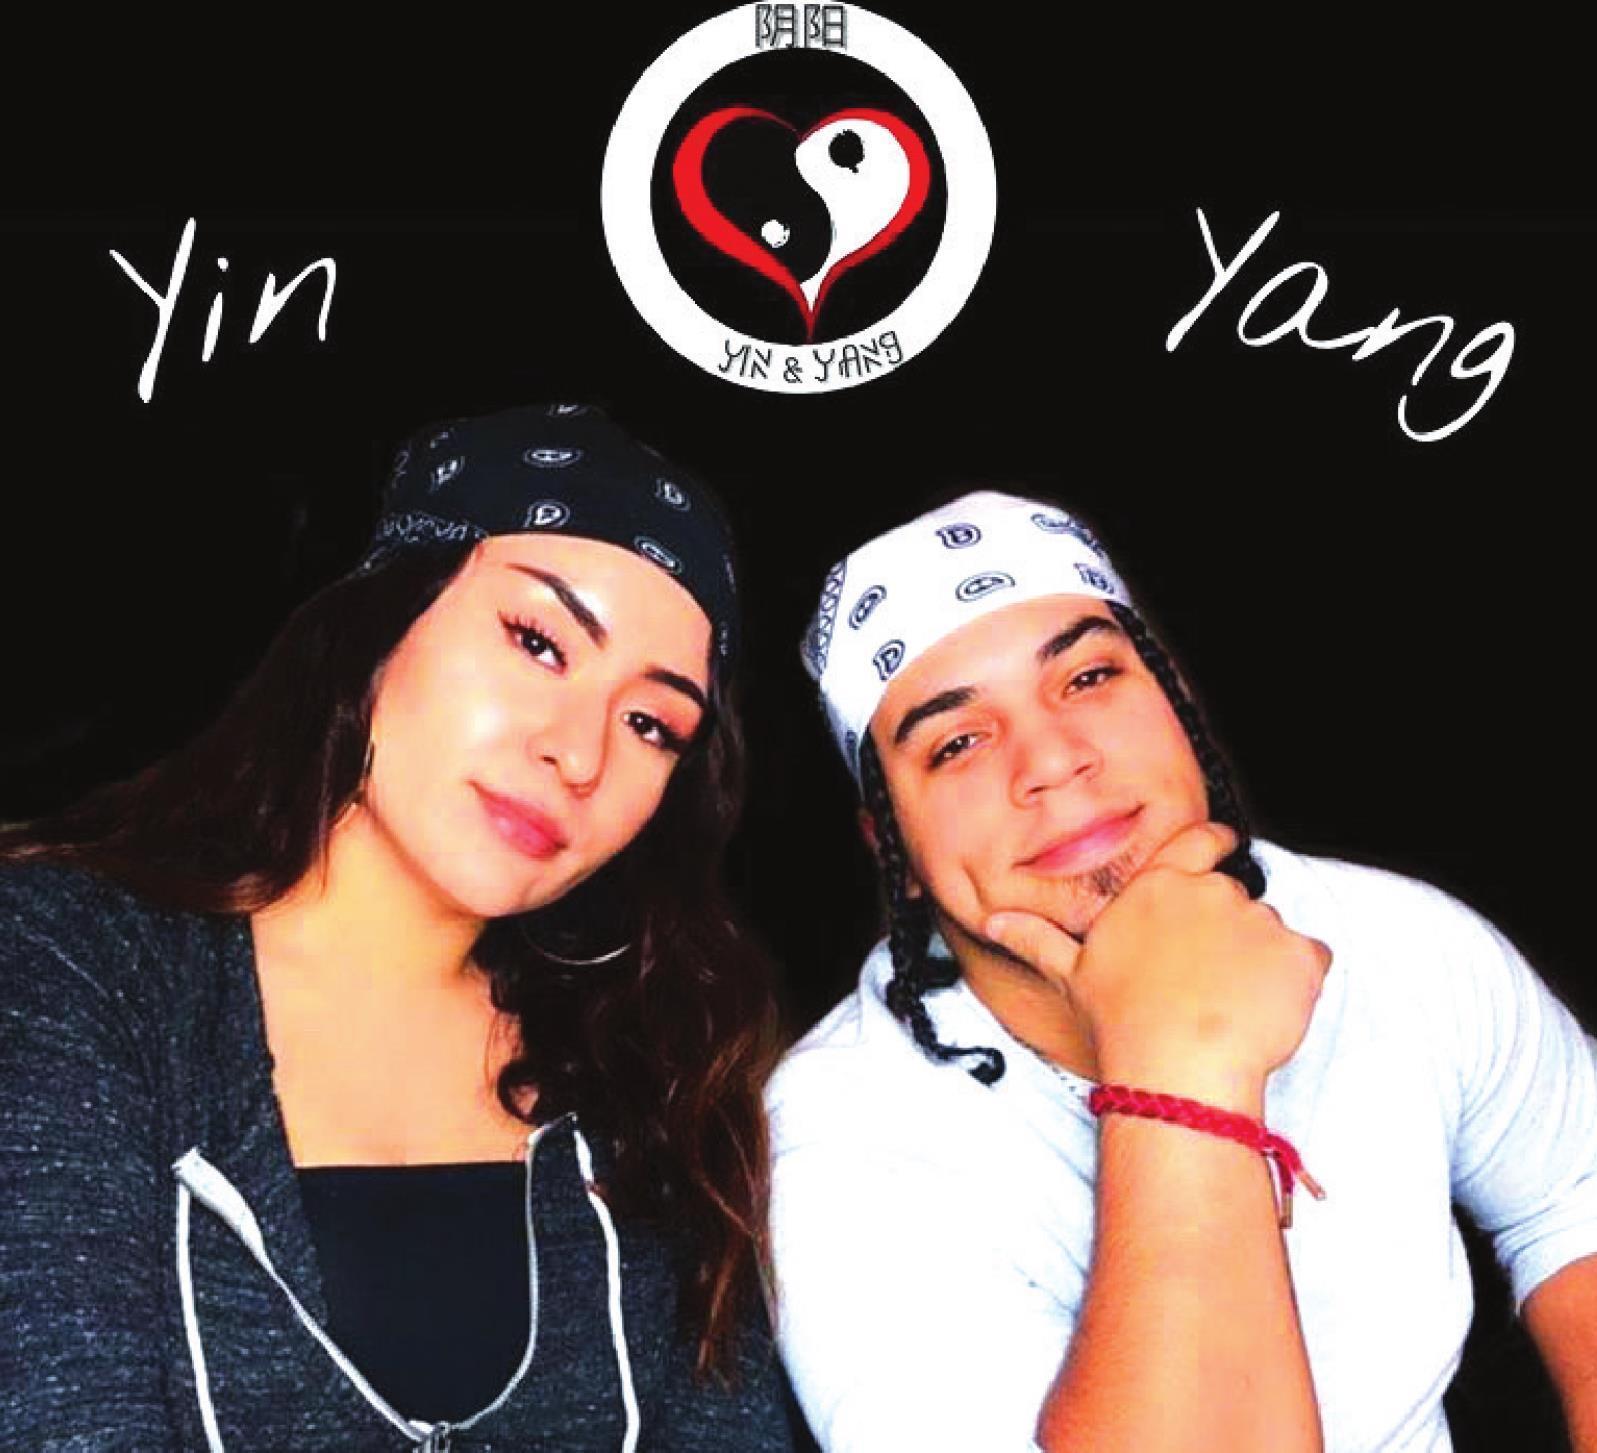 Yin & Yang Music